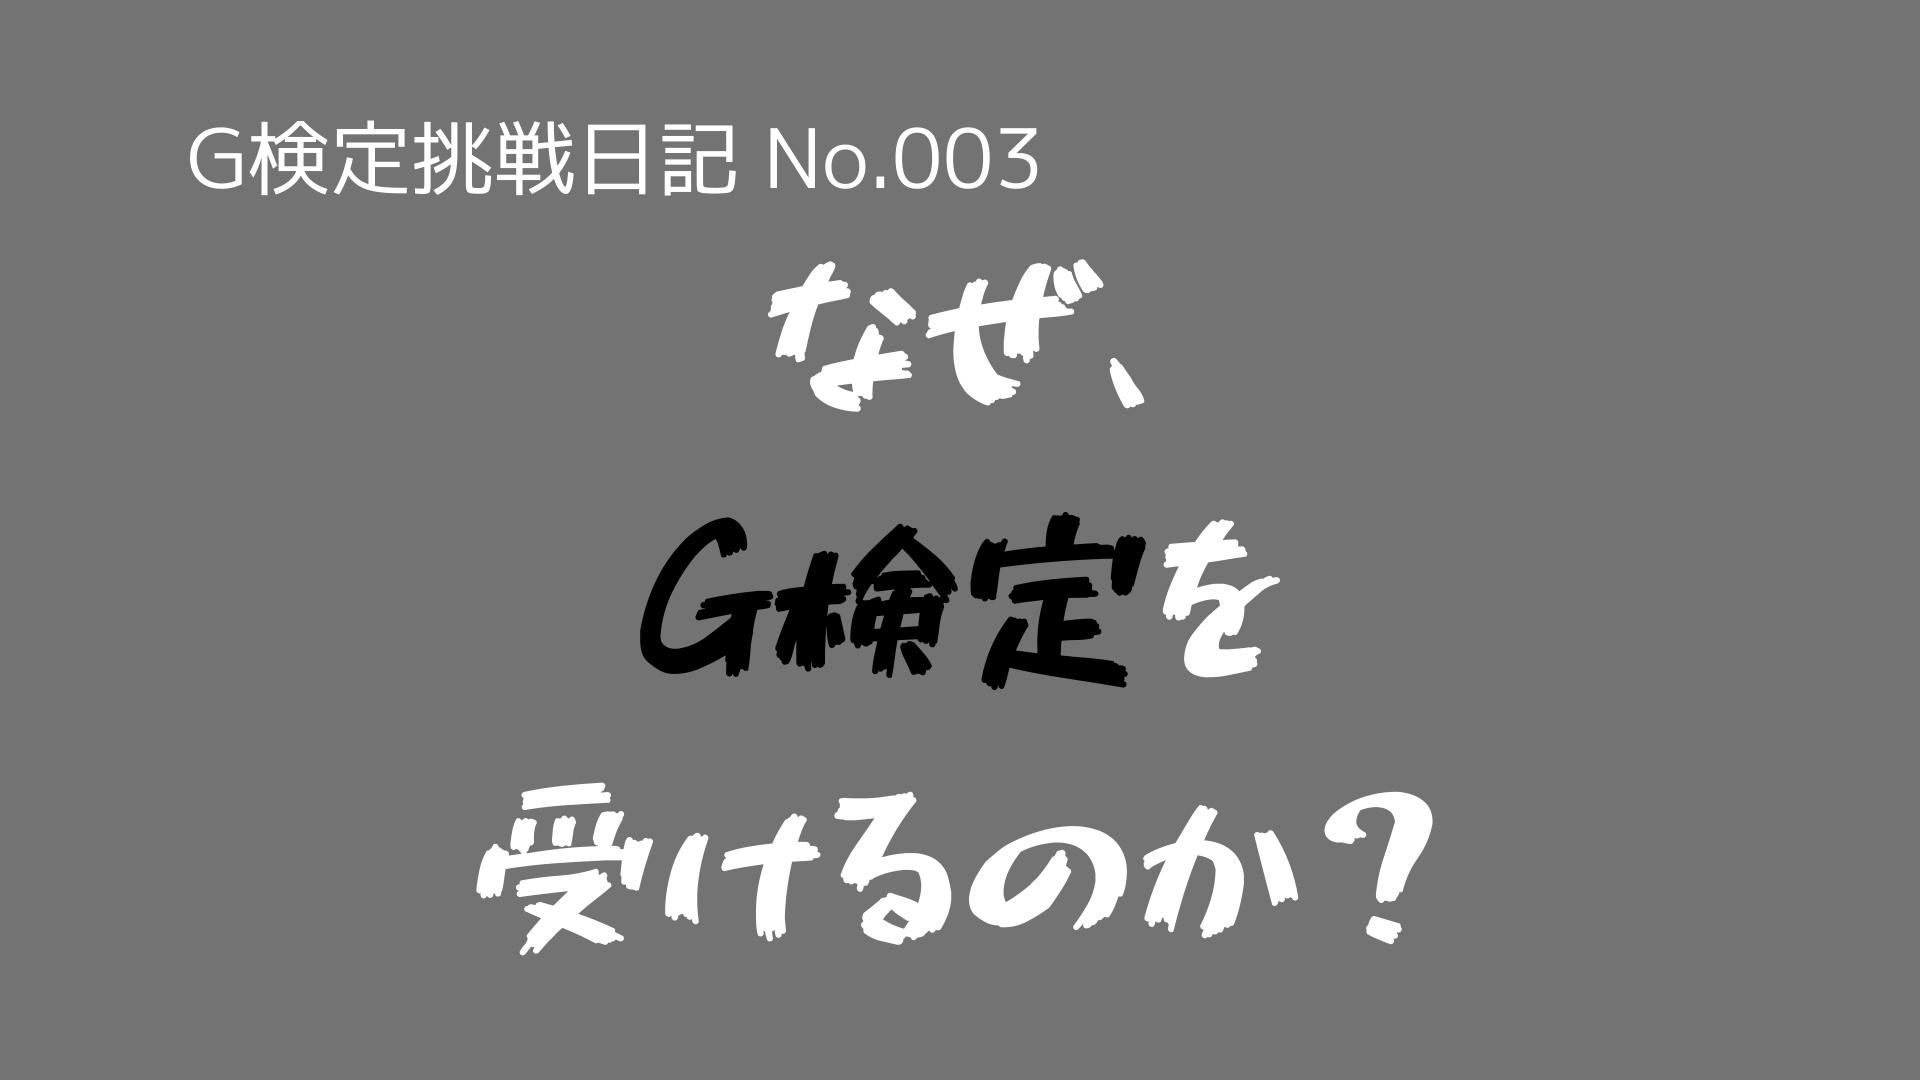 (G検定挑戦日記-No.003)なぜ、G検定に挑戦するのか?